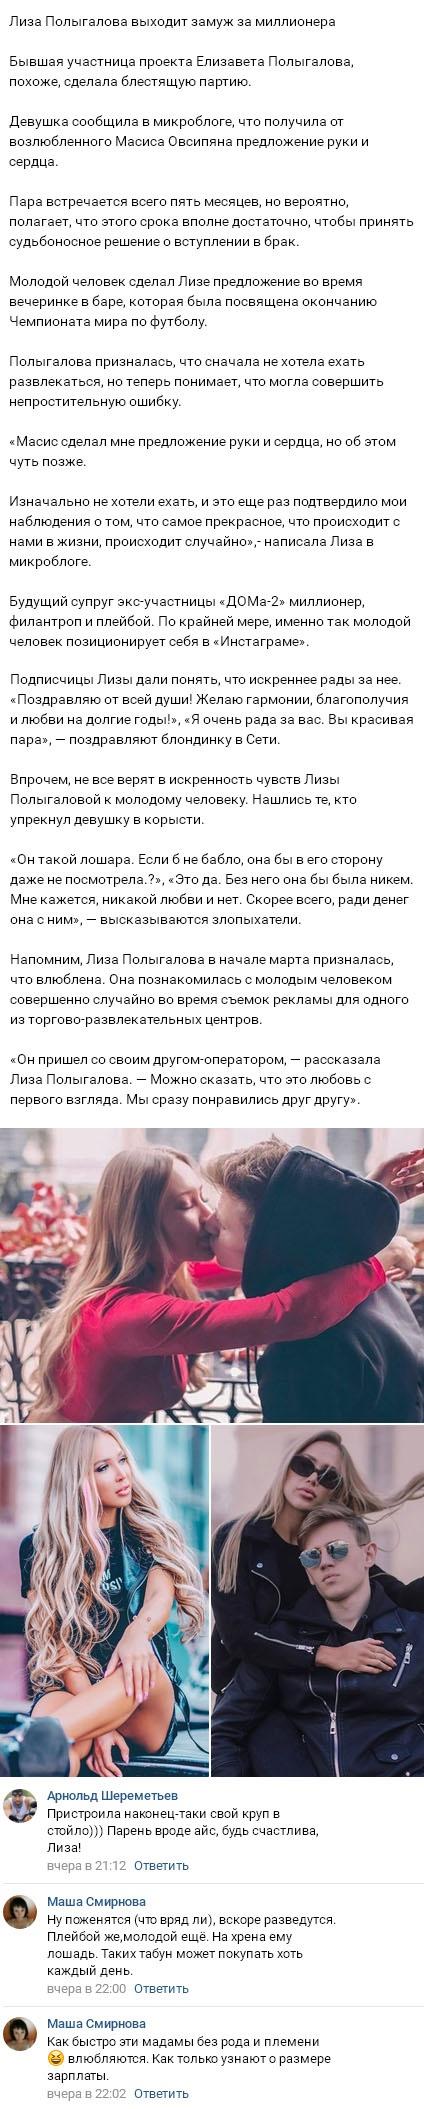 Елизавета Полыгалова сообщила о помолвке и скорой свадьбе